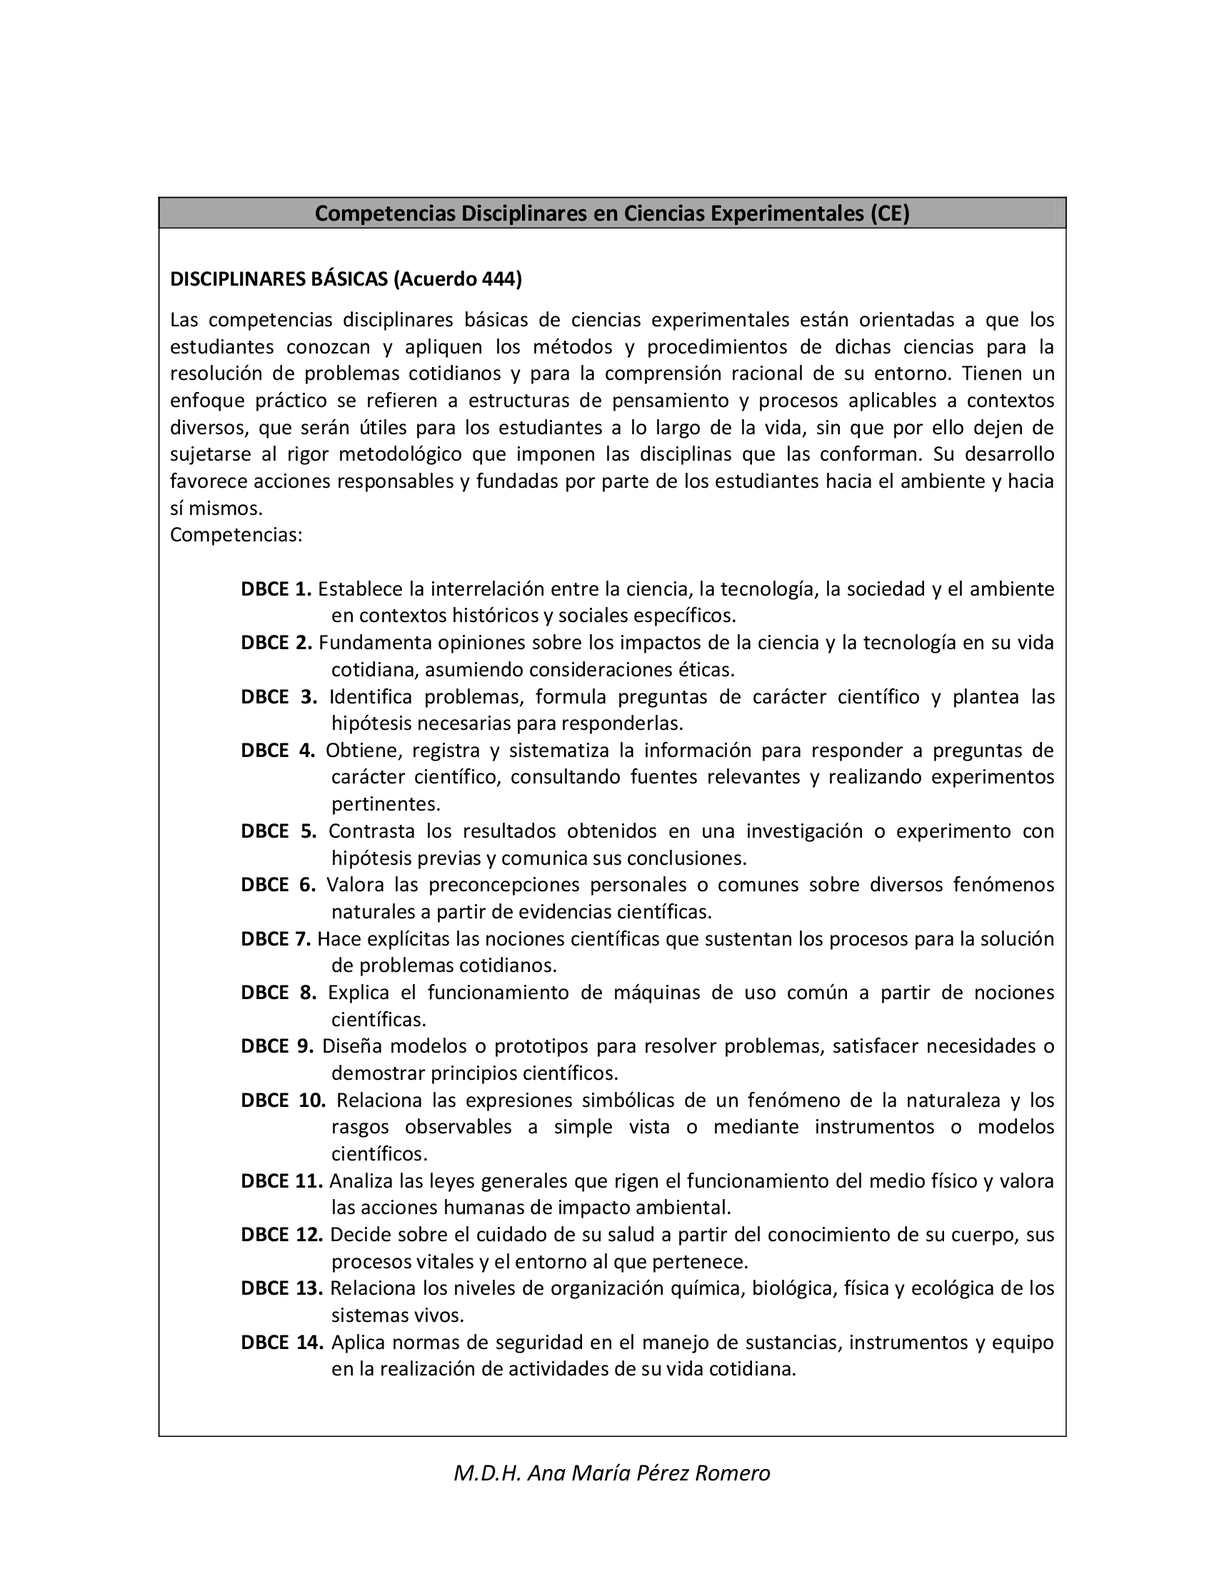 COMPETENCIAS DISCIPLINARES EN CIENCIAS EXPERIMENTALES